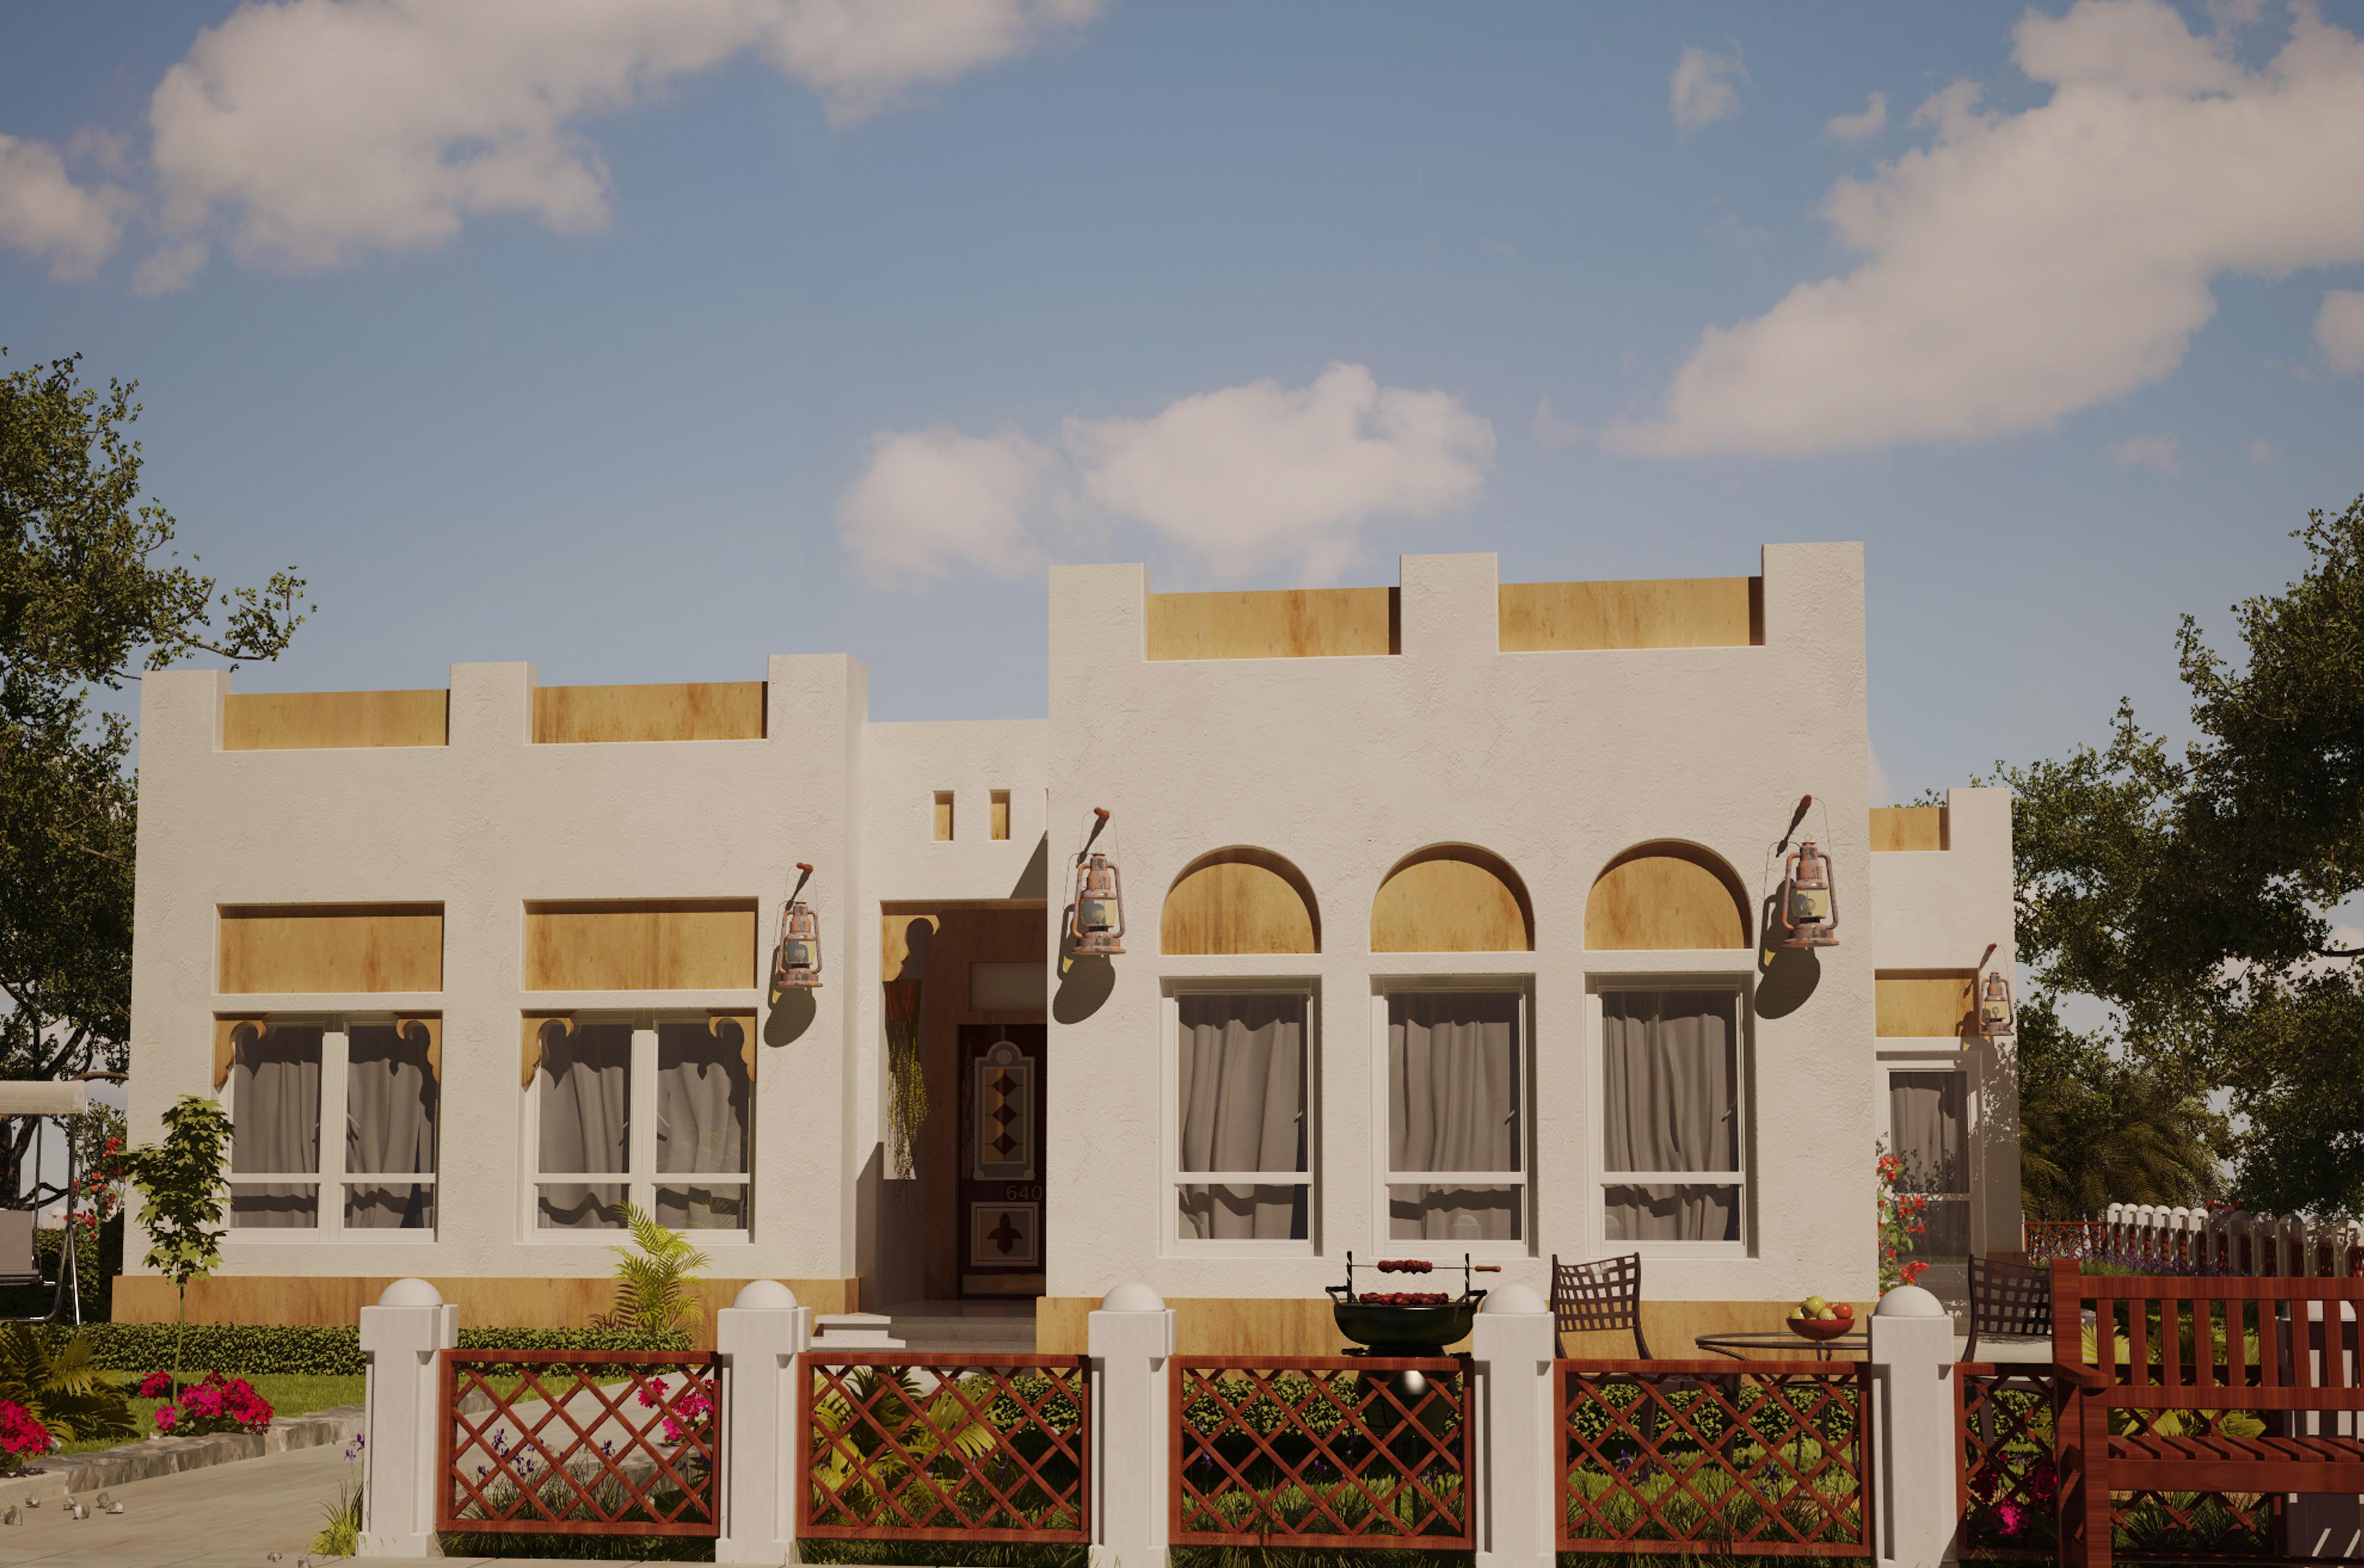 409 Villa - Al Soyouh - Sharjah